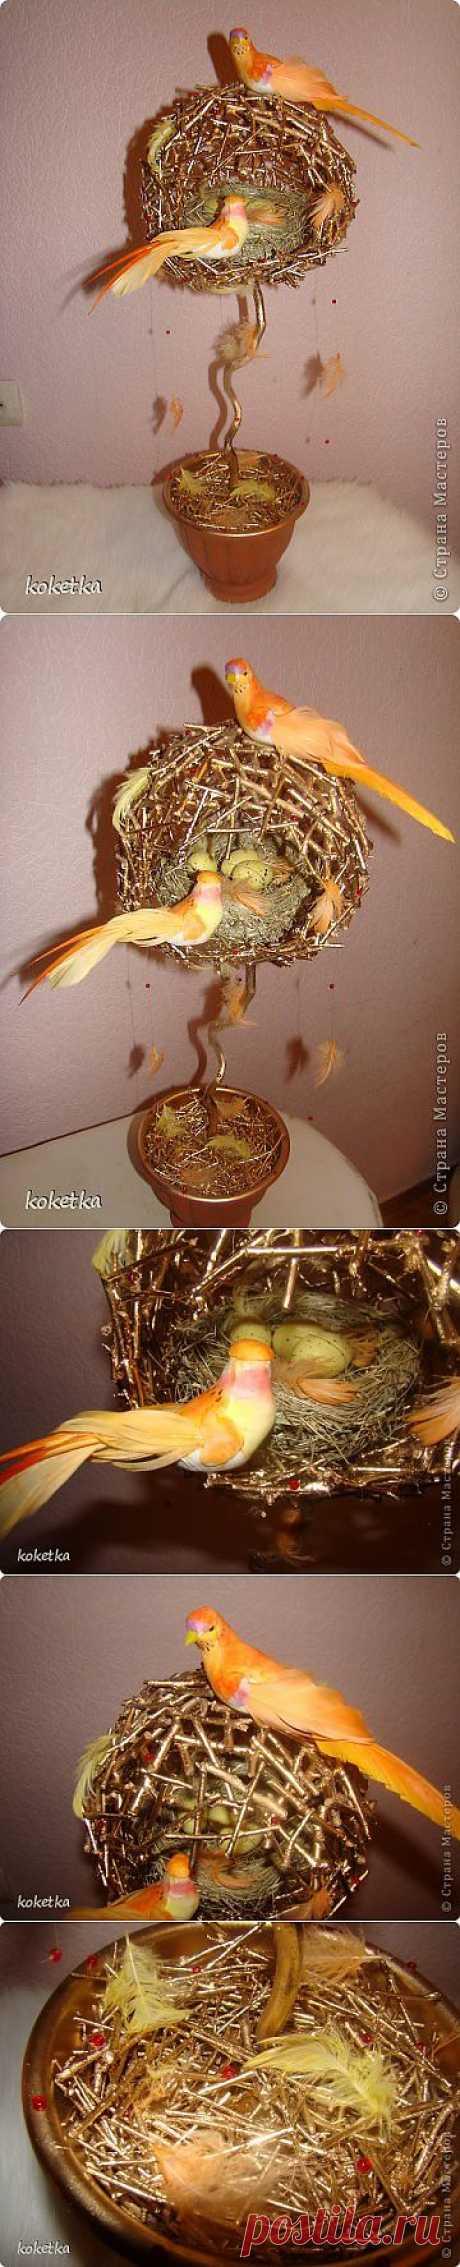 """Замечательные топиарии """"Птичьи гнезда"""" ."""